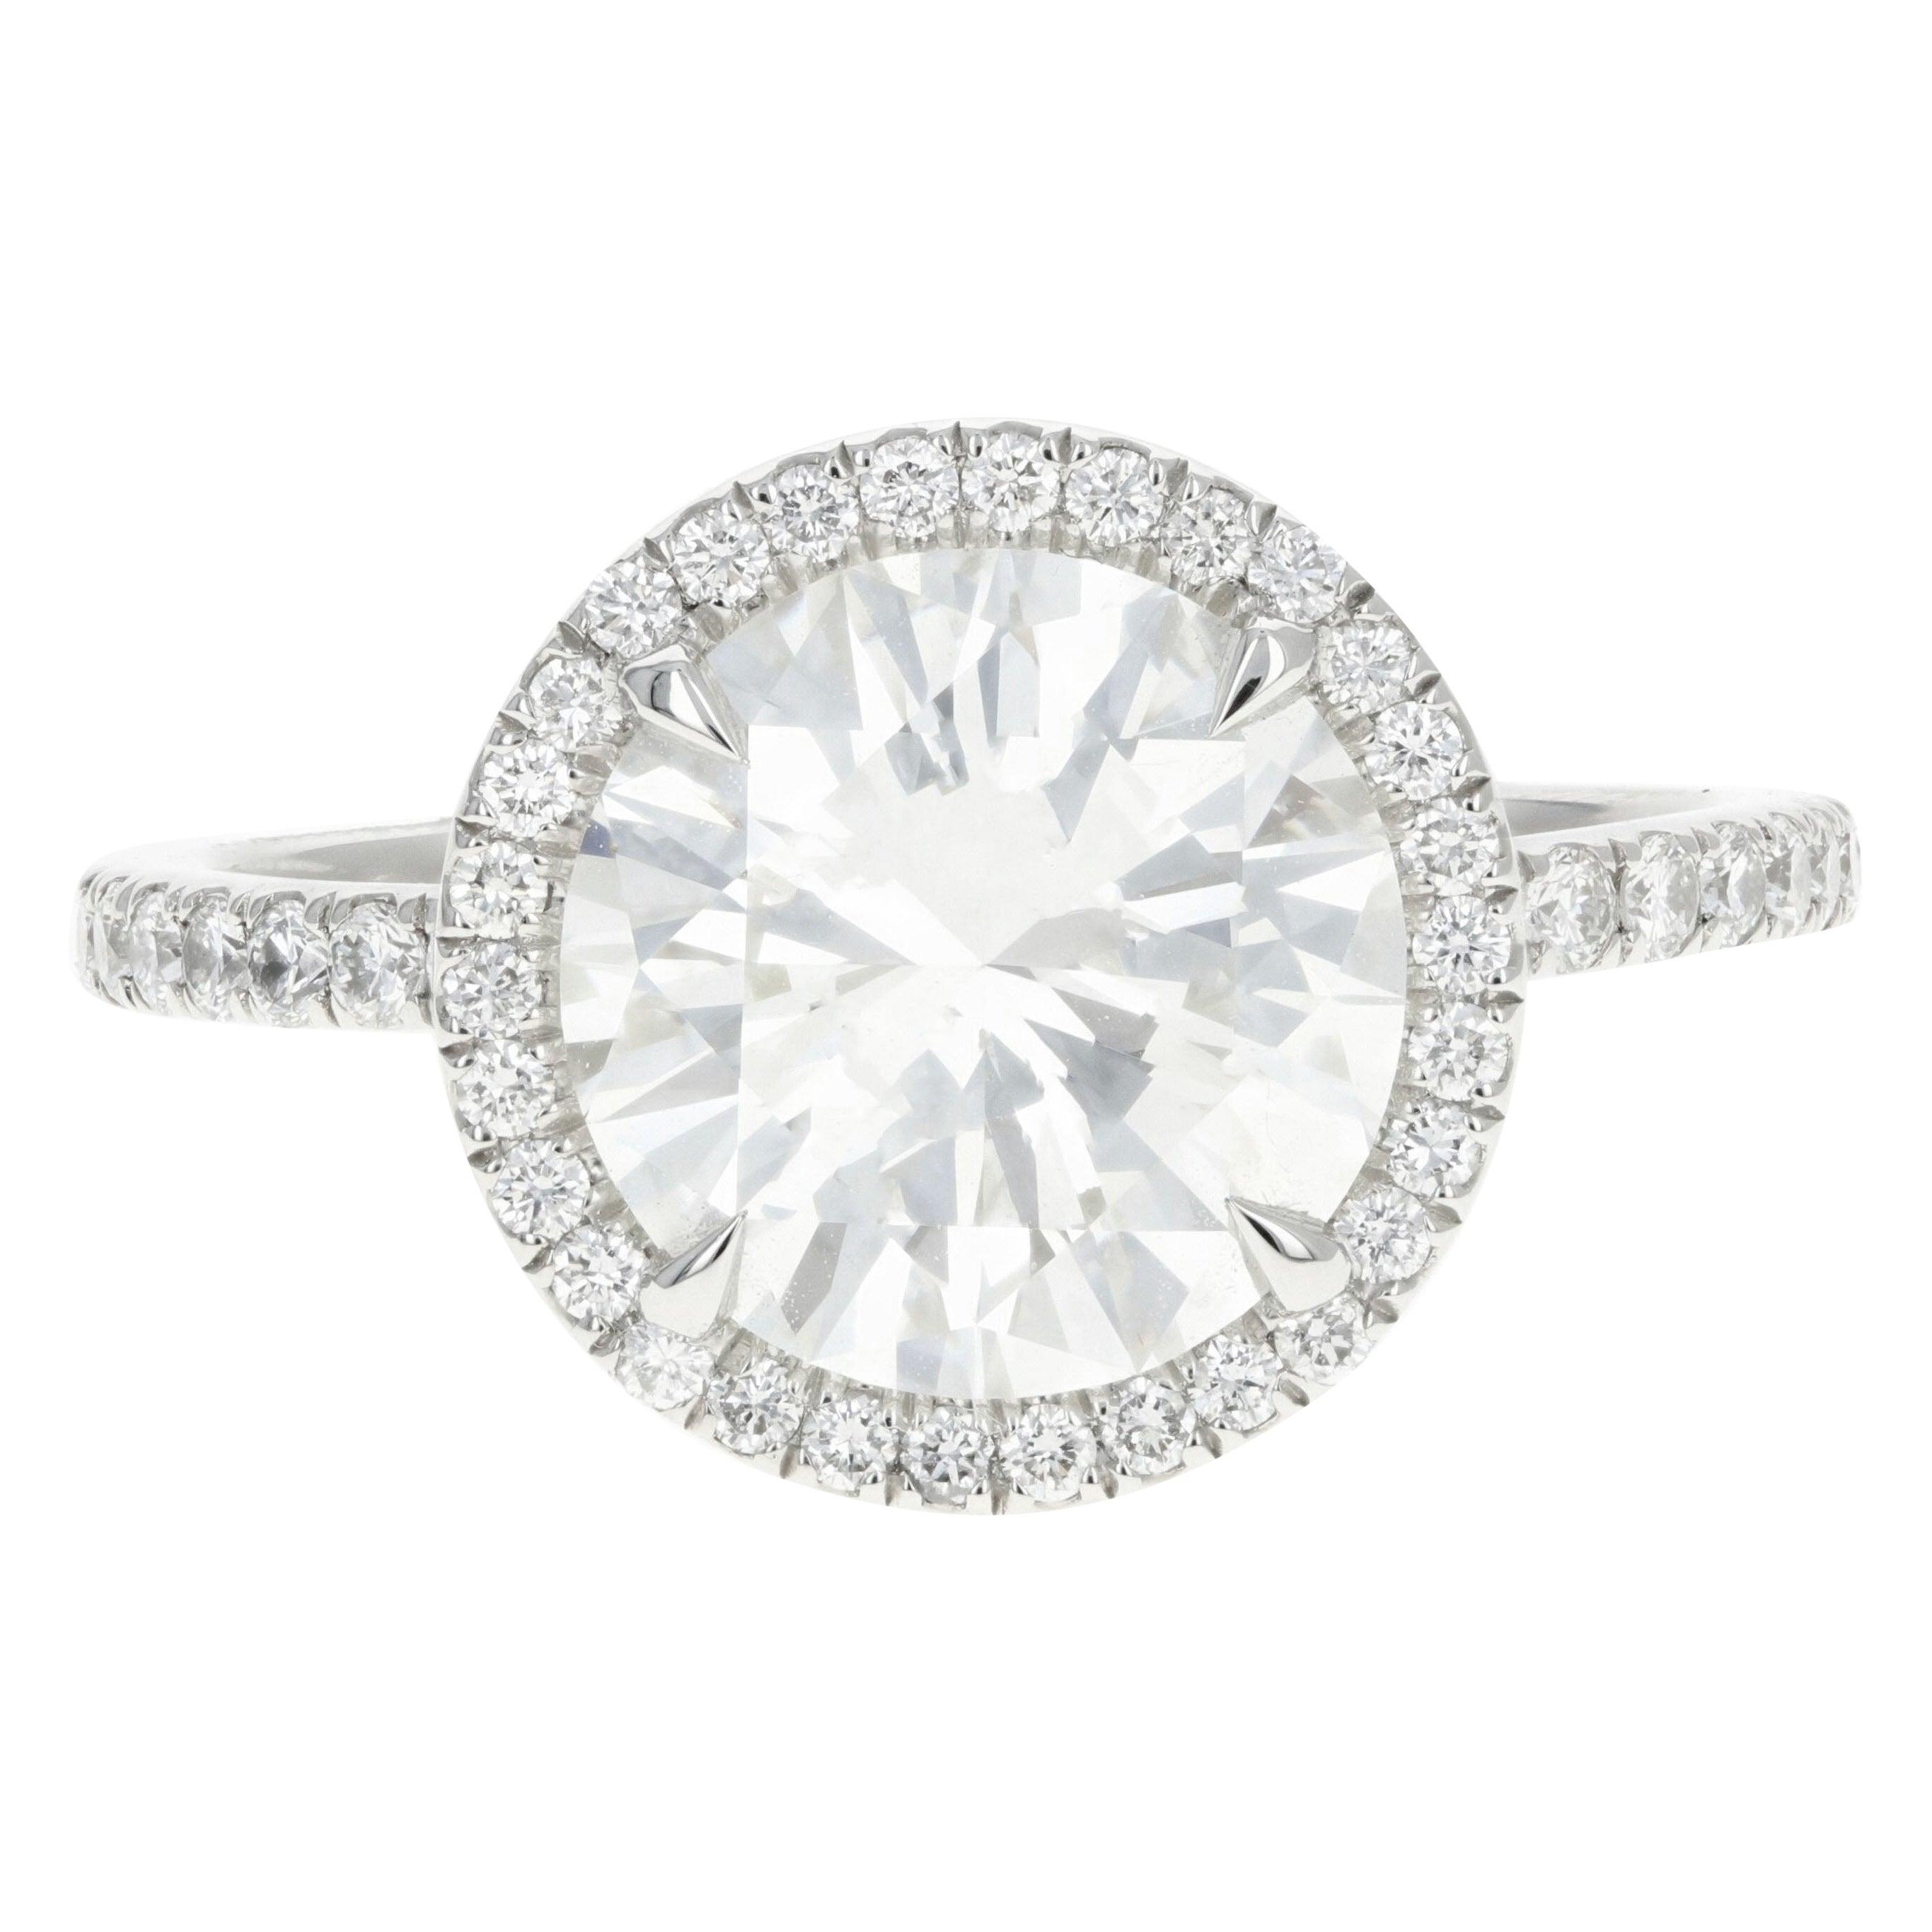 Platinum 3.01 Carat Round Brilliant Cut Diamond Halo Engagement Ring